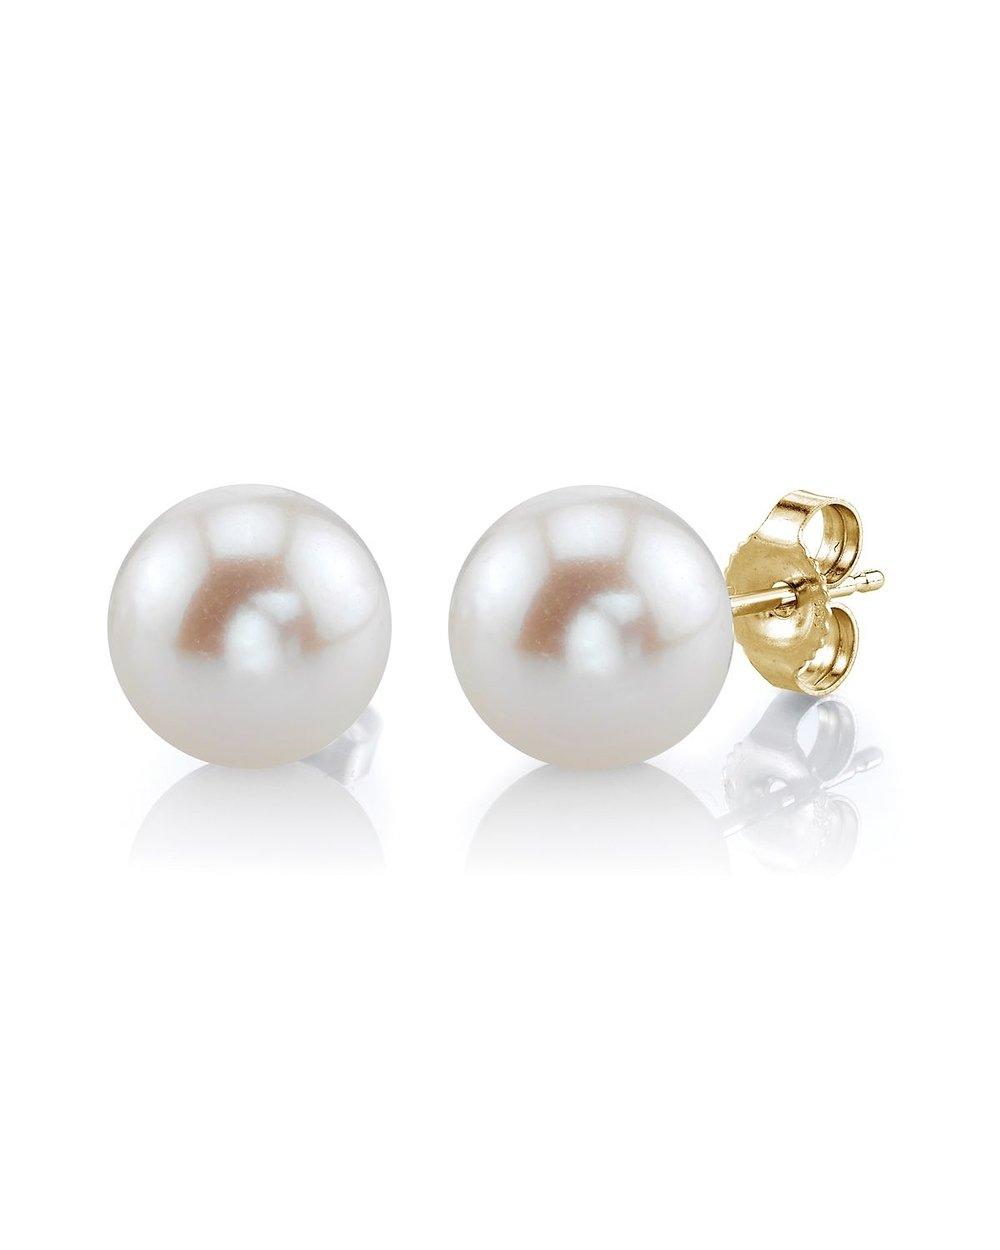 7mm white freshwater pearl stud earrings